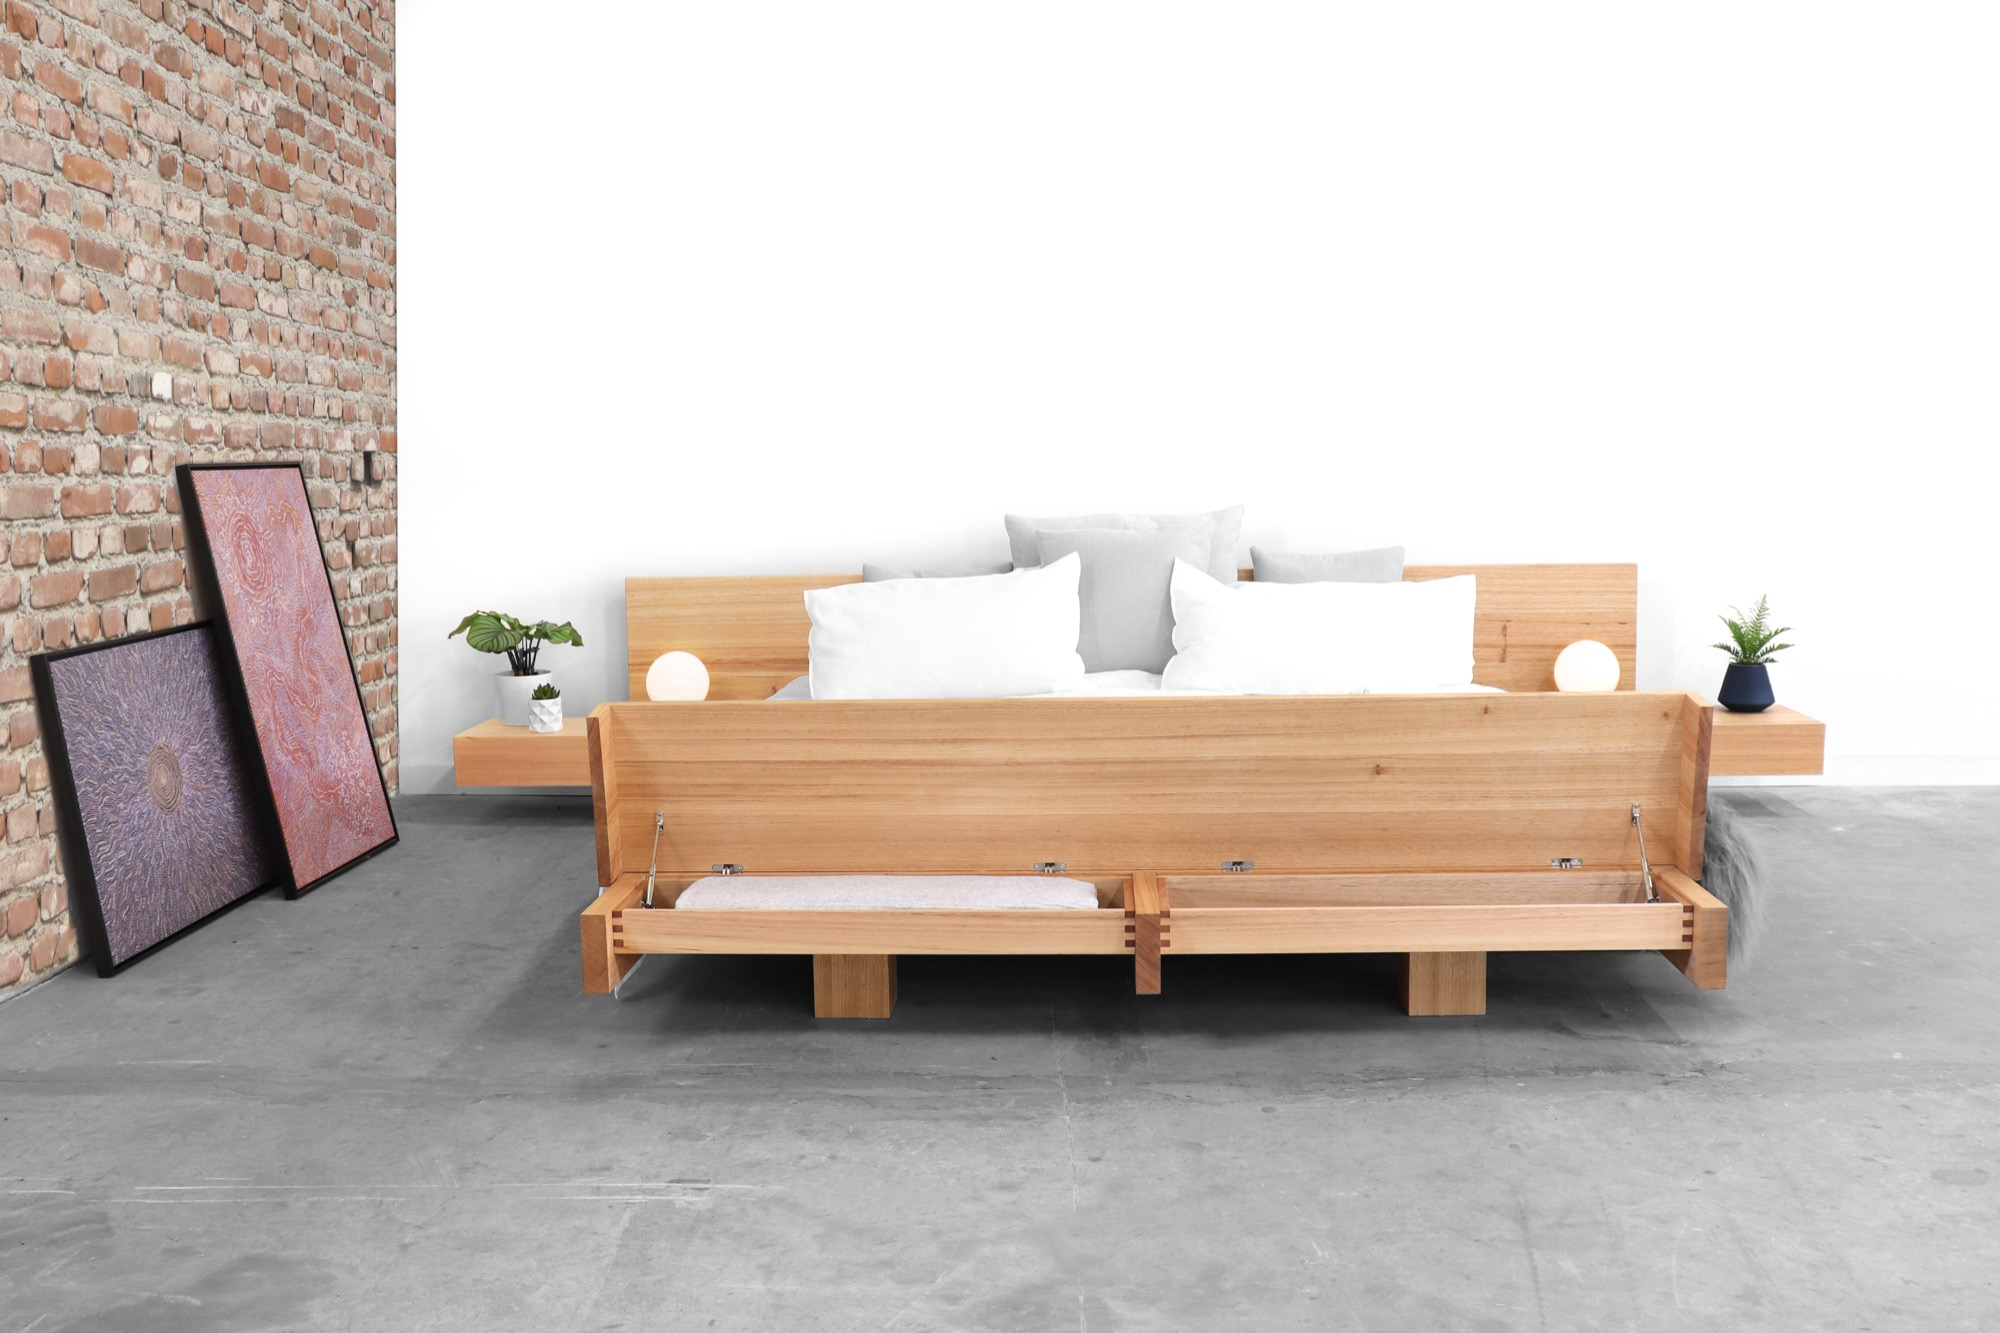 NYX Bed by Sawdust Bureau_02